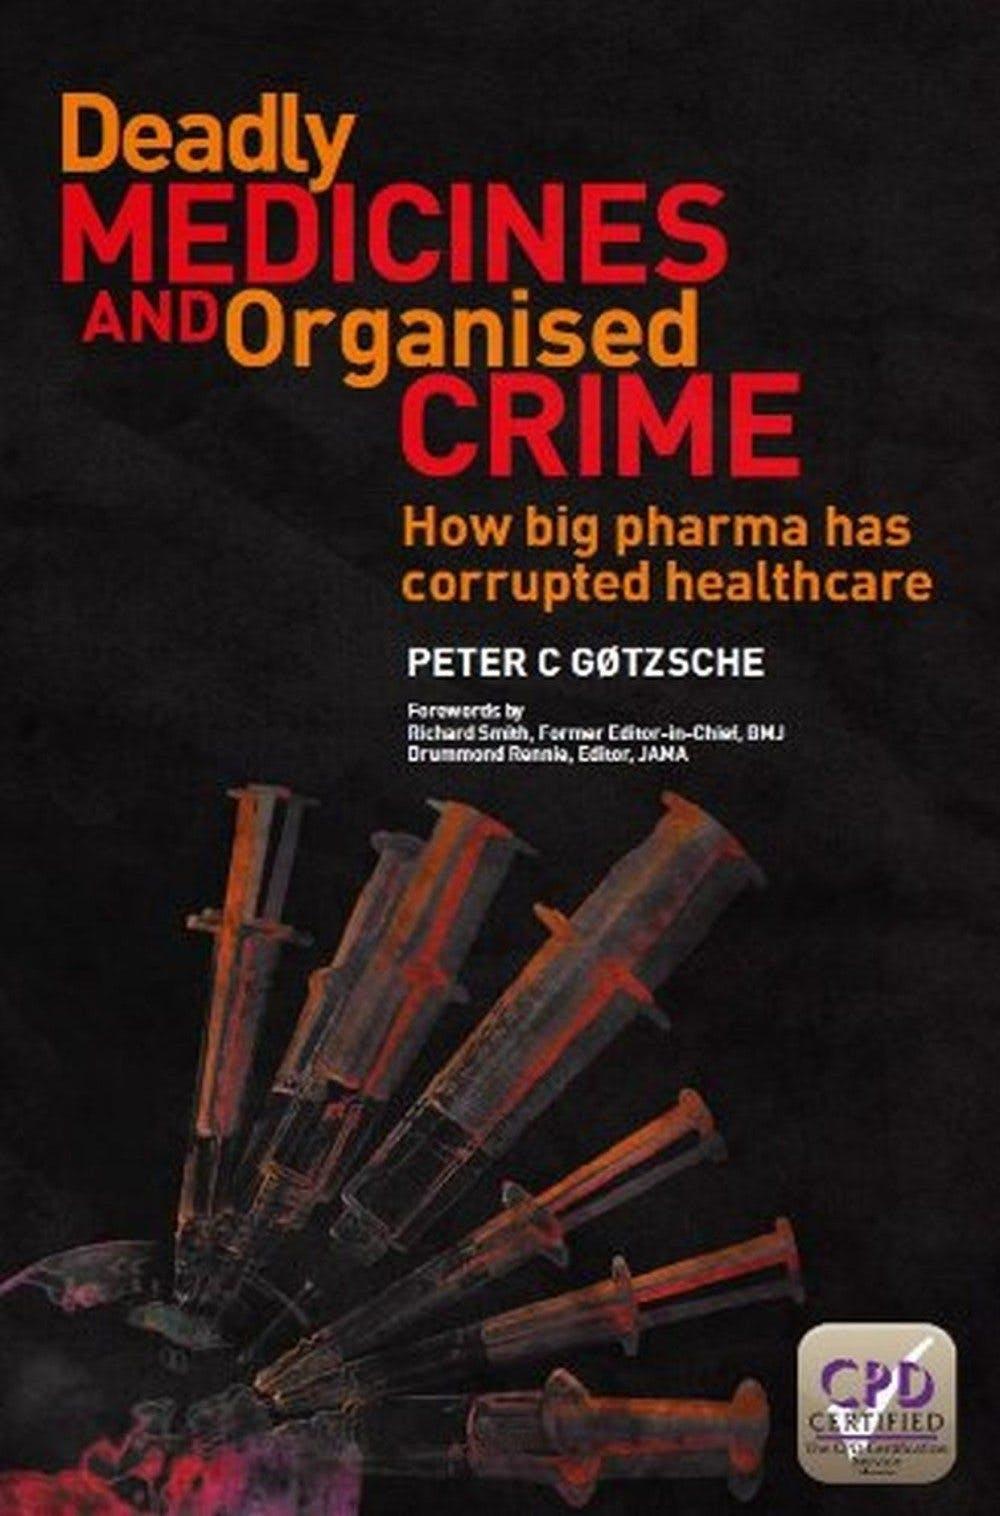 Dödliga mediciner och organiserad brottslighet: Hur läkemedelsindustrin har korrumperat sjuk- och hälsovården